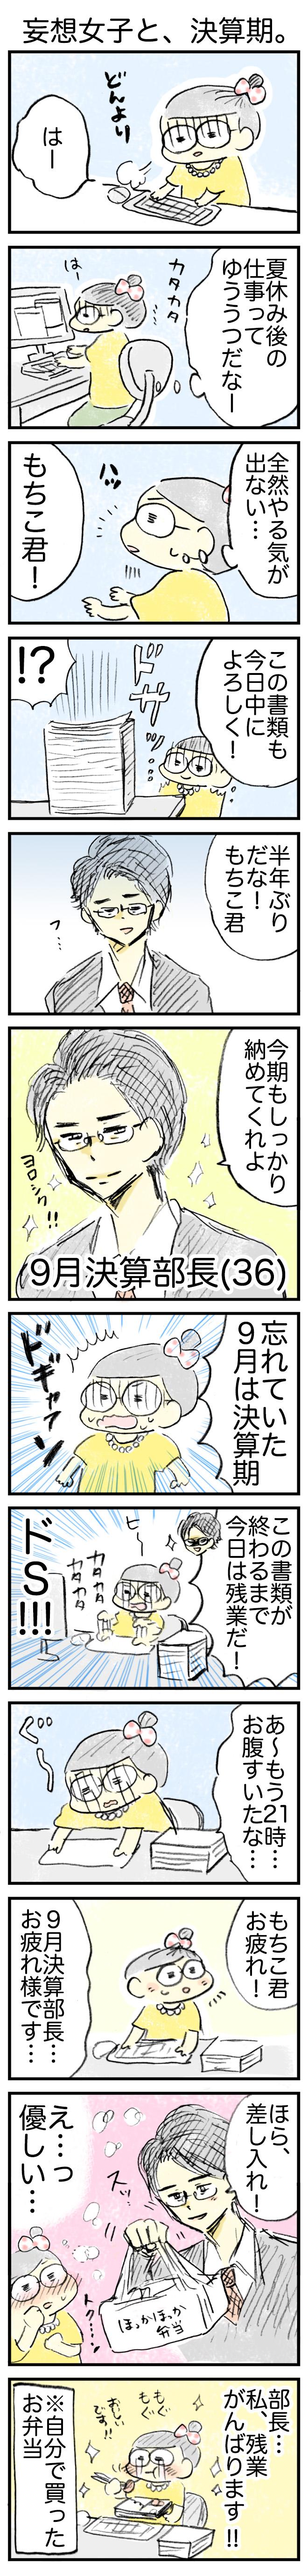 【漫画】妄想女子と、決算期。『もちことのんこ』第15回 作:おづまりこ